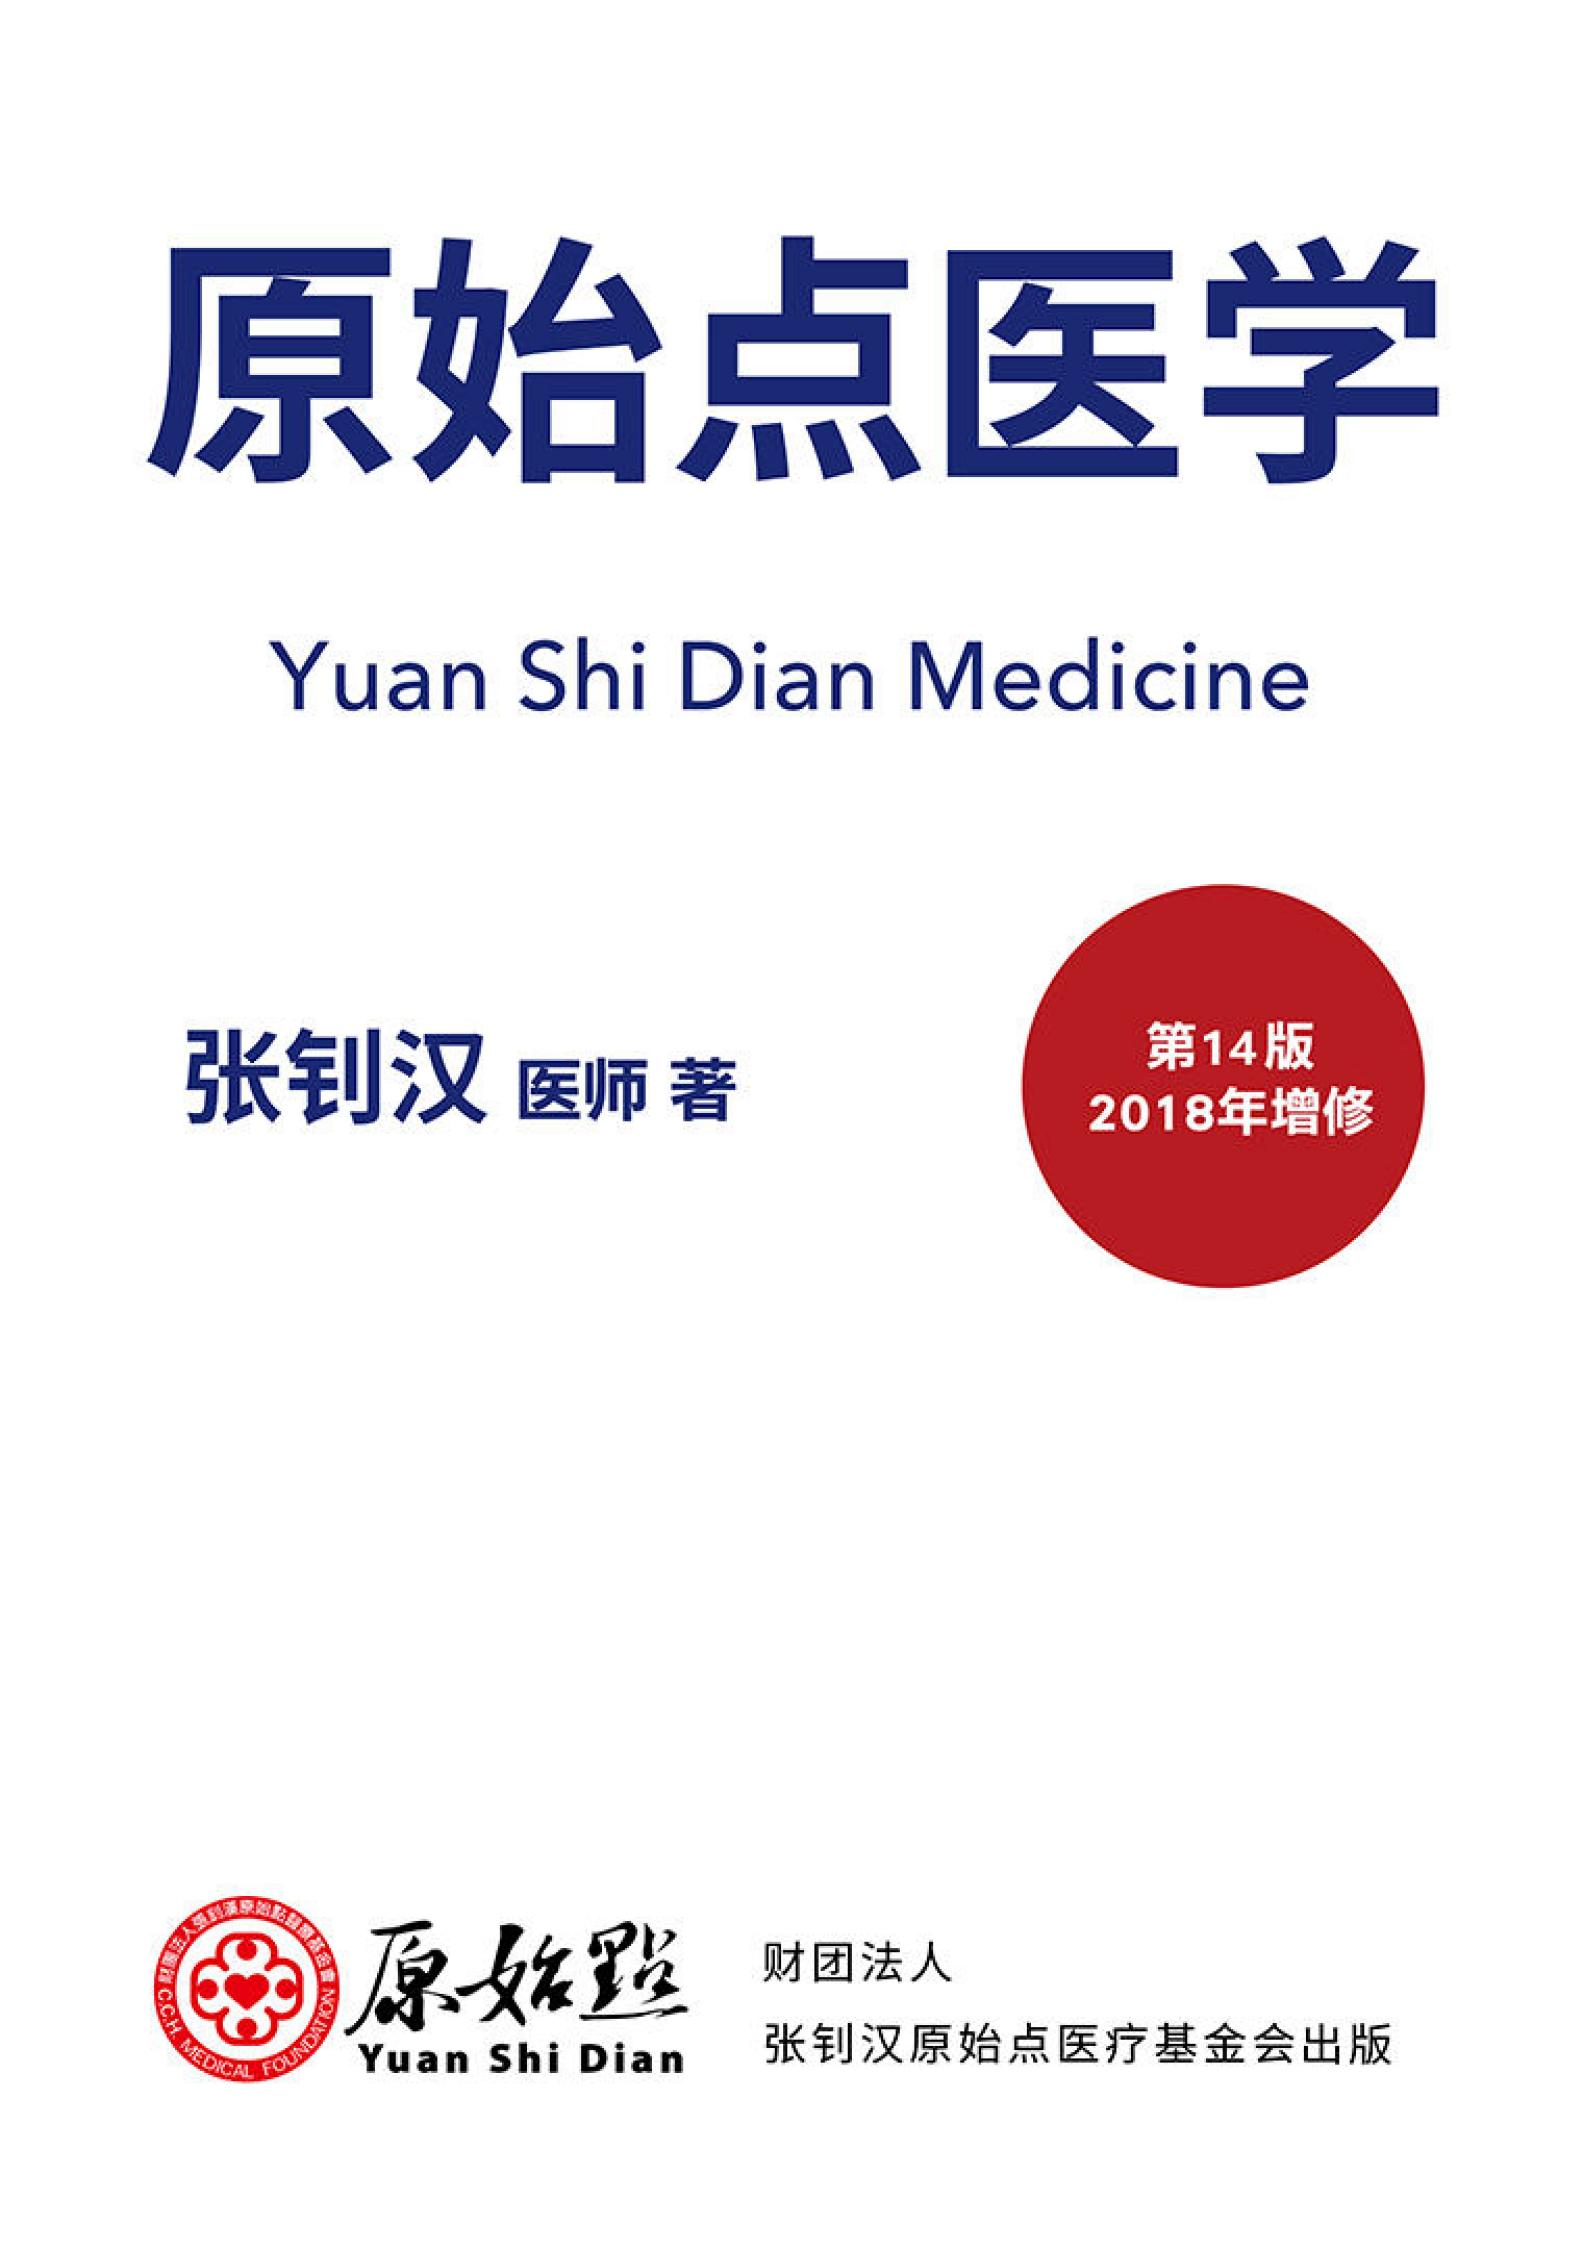 《原始点医学》手册V16V15V14 张钊汉著 新版简体 商品图1